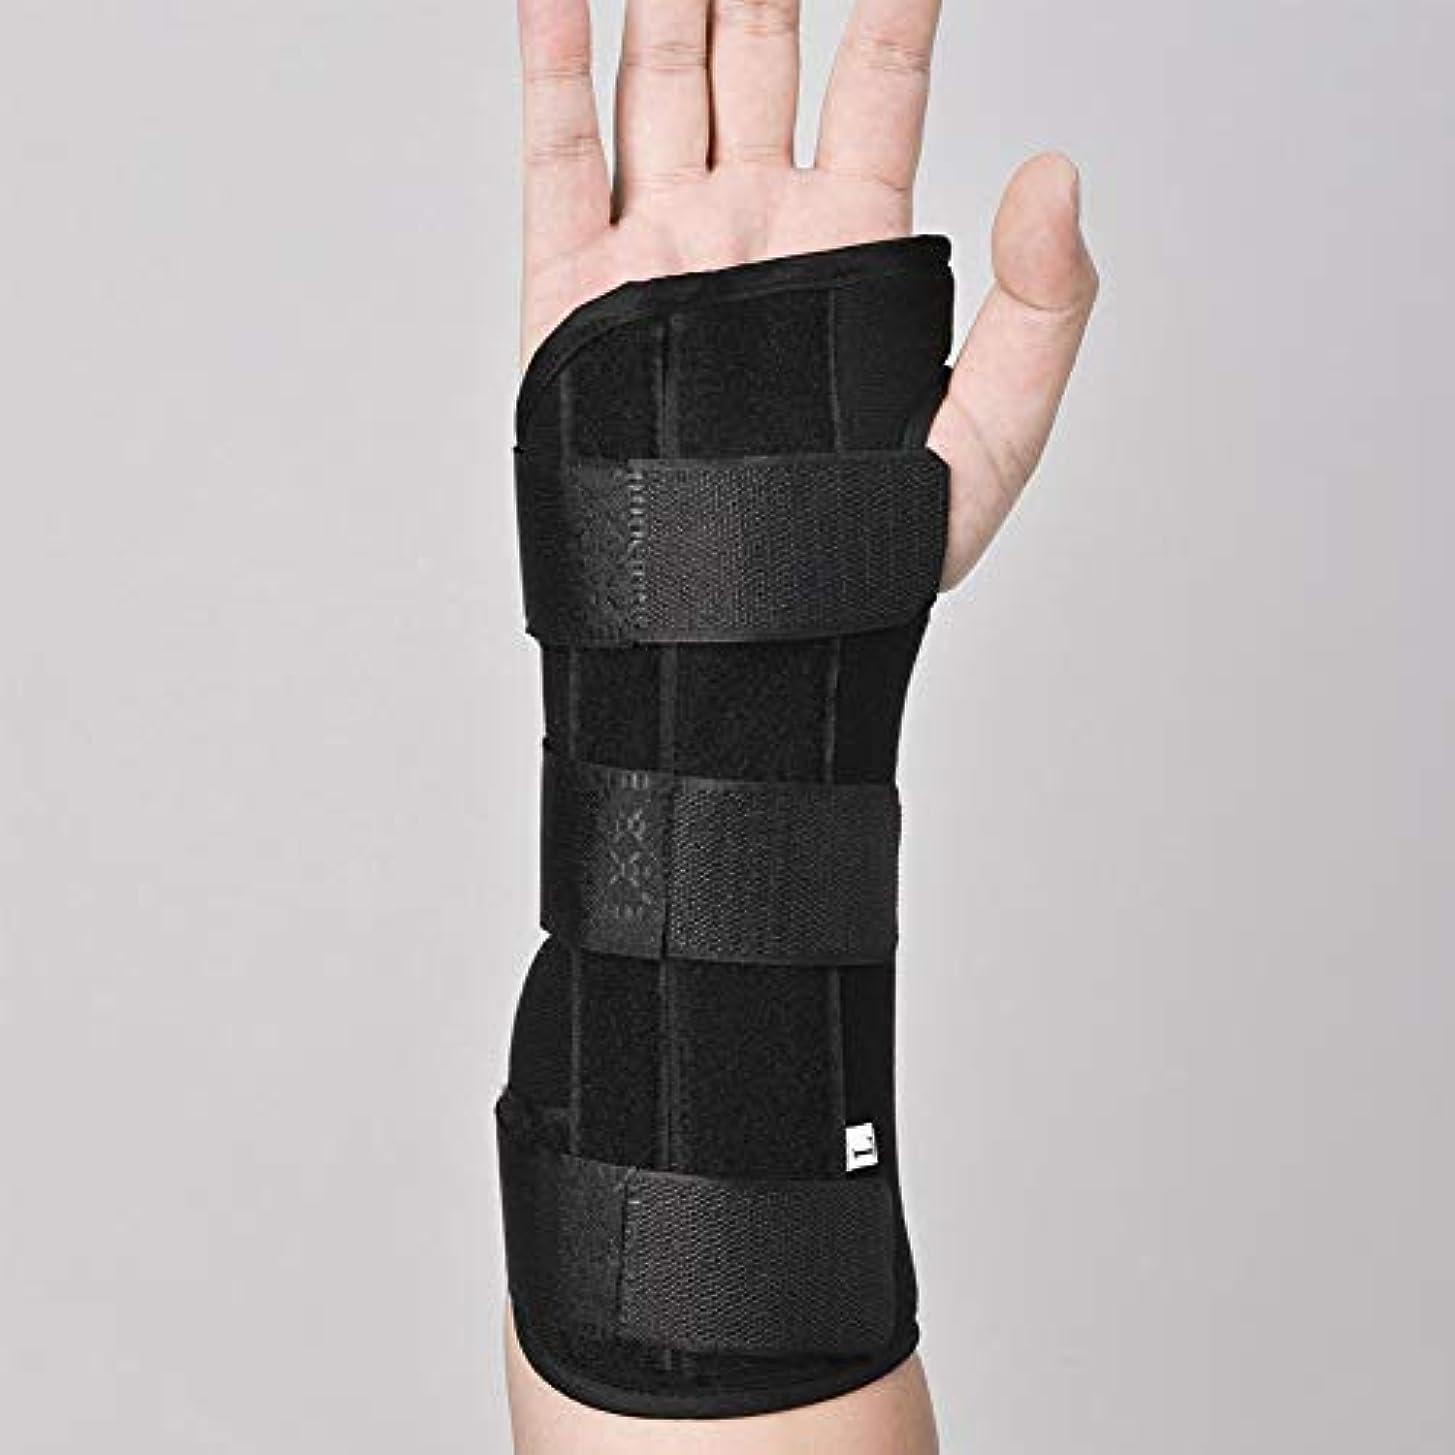 年懲らしめ平凡捻挫および成人用に適した関節炎のためのアルミニウム副木矯正ストラップ痛み緩和と手首の関節,Lefthand,S